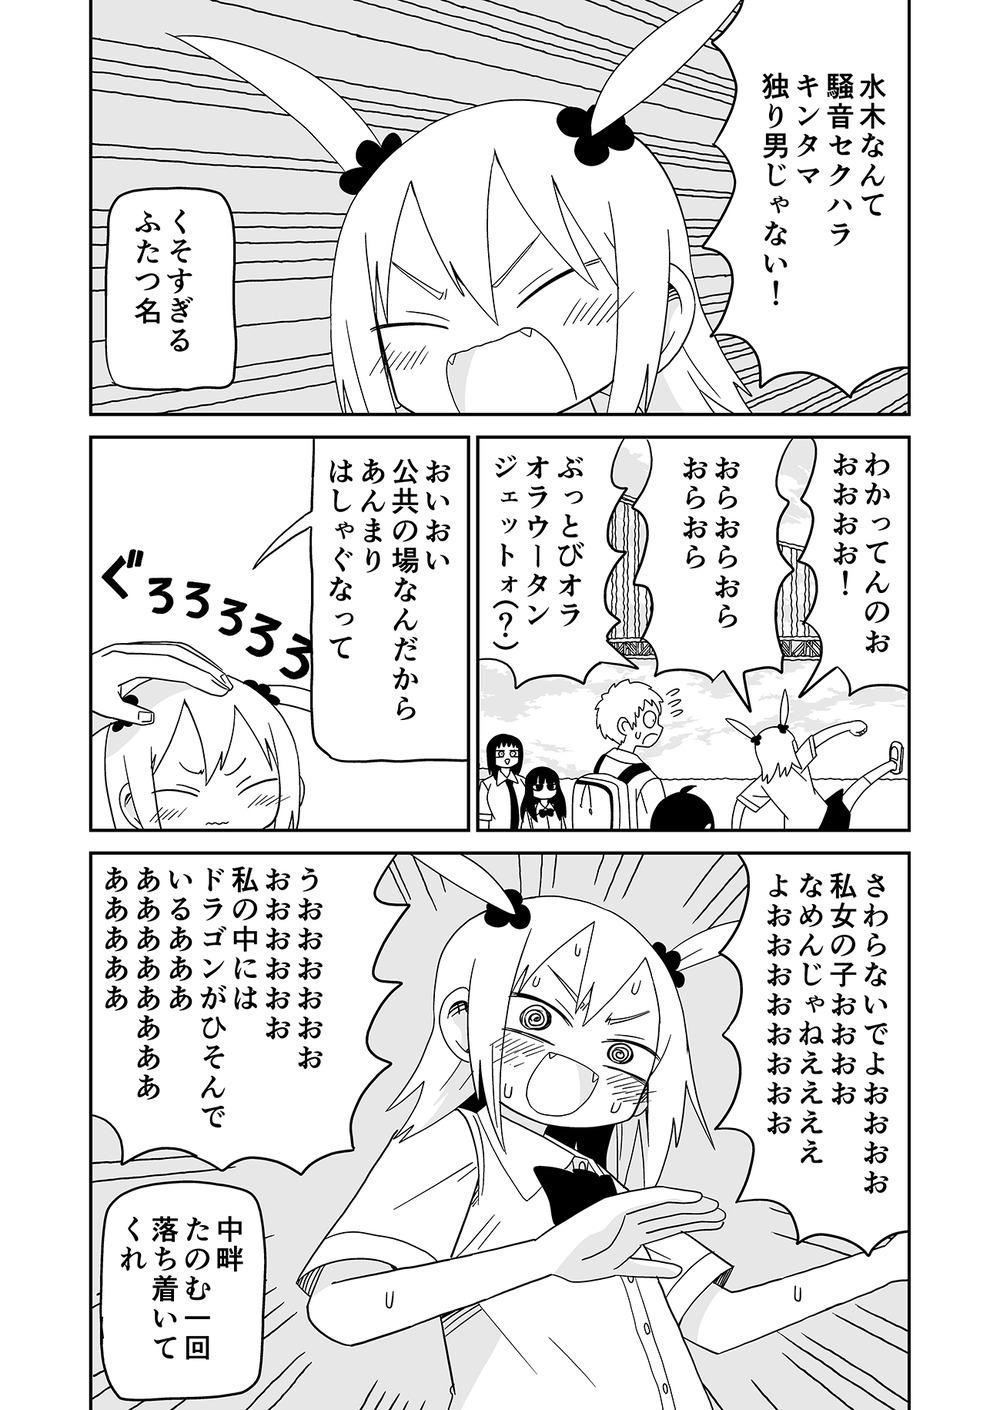 潮舞データオマケ30020